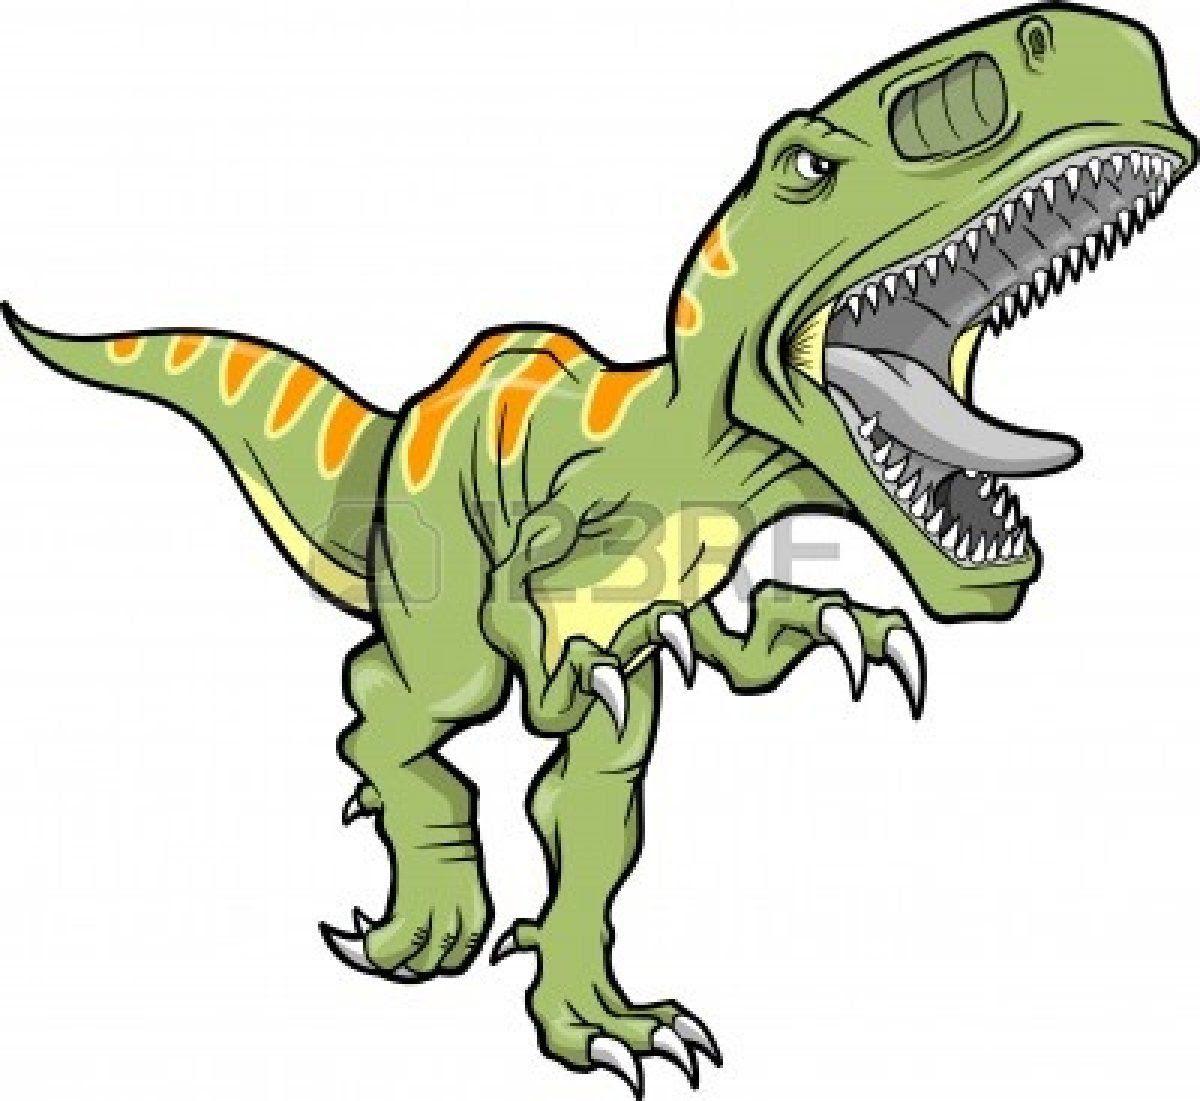 tyrannosaurus rex dino ausmalbilder - malvorlagen